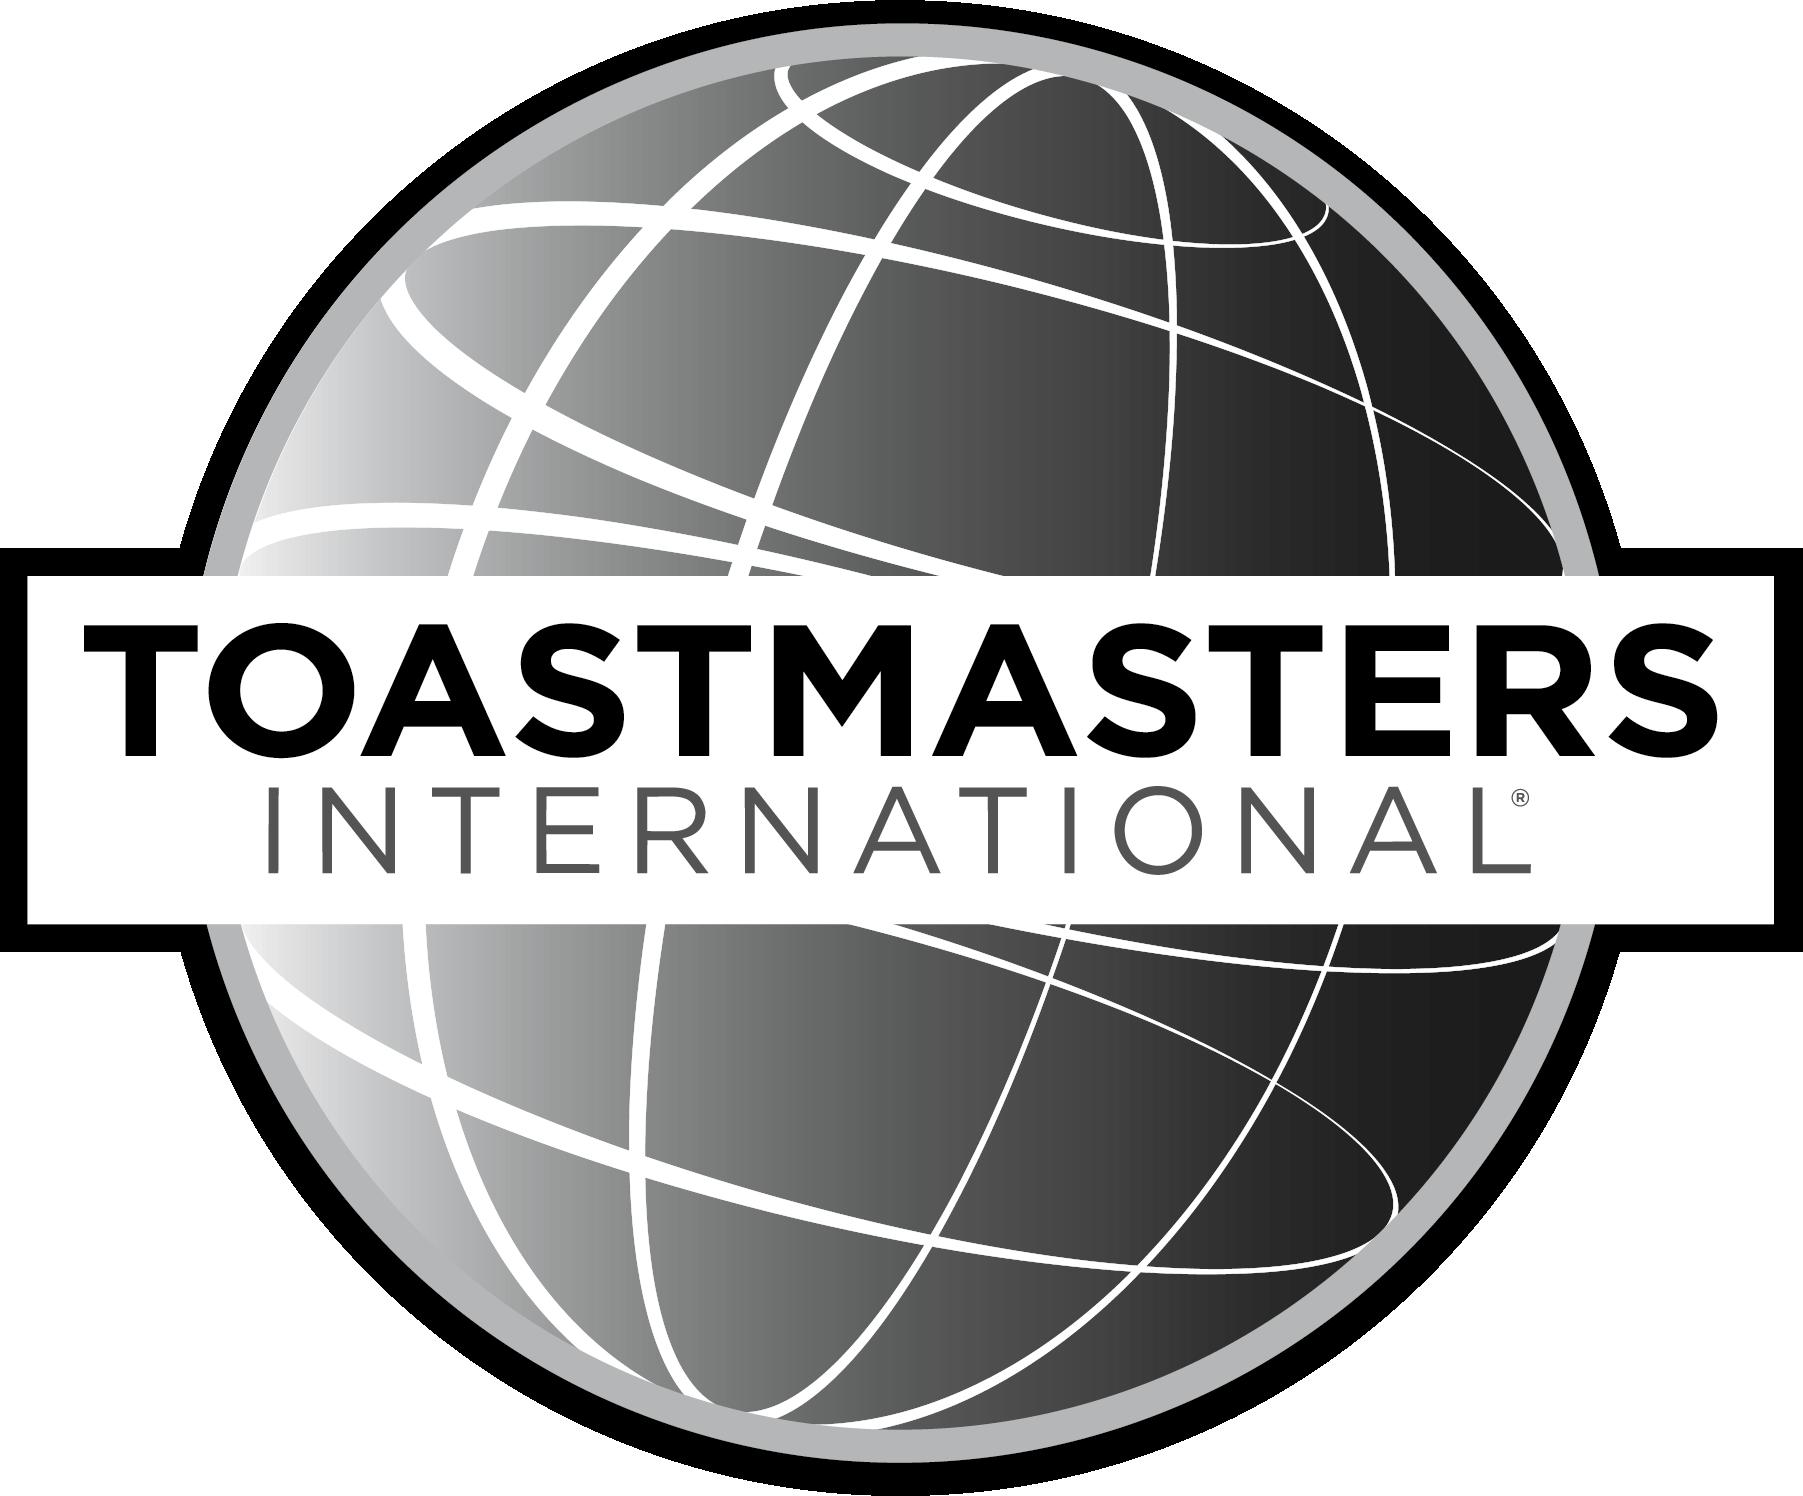 Toastmasters International.